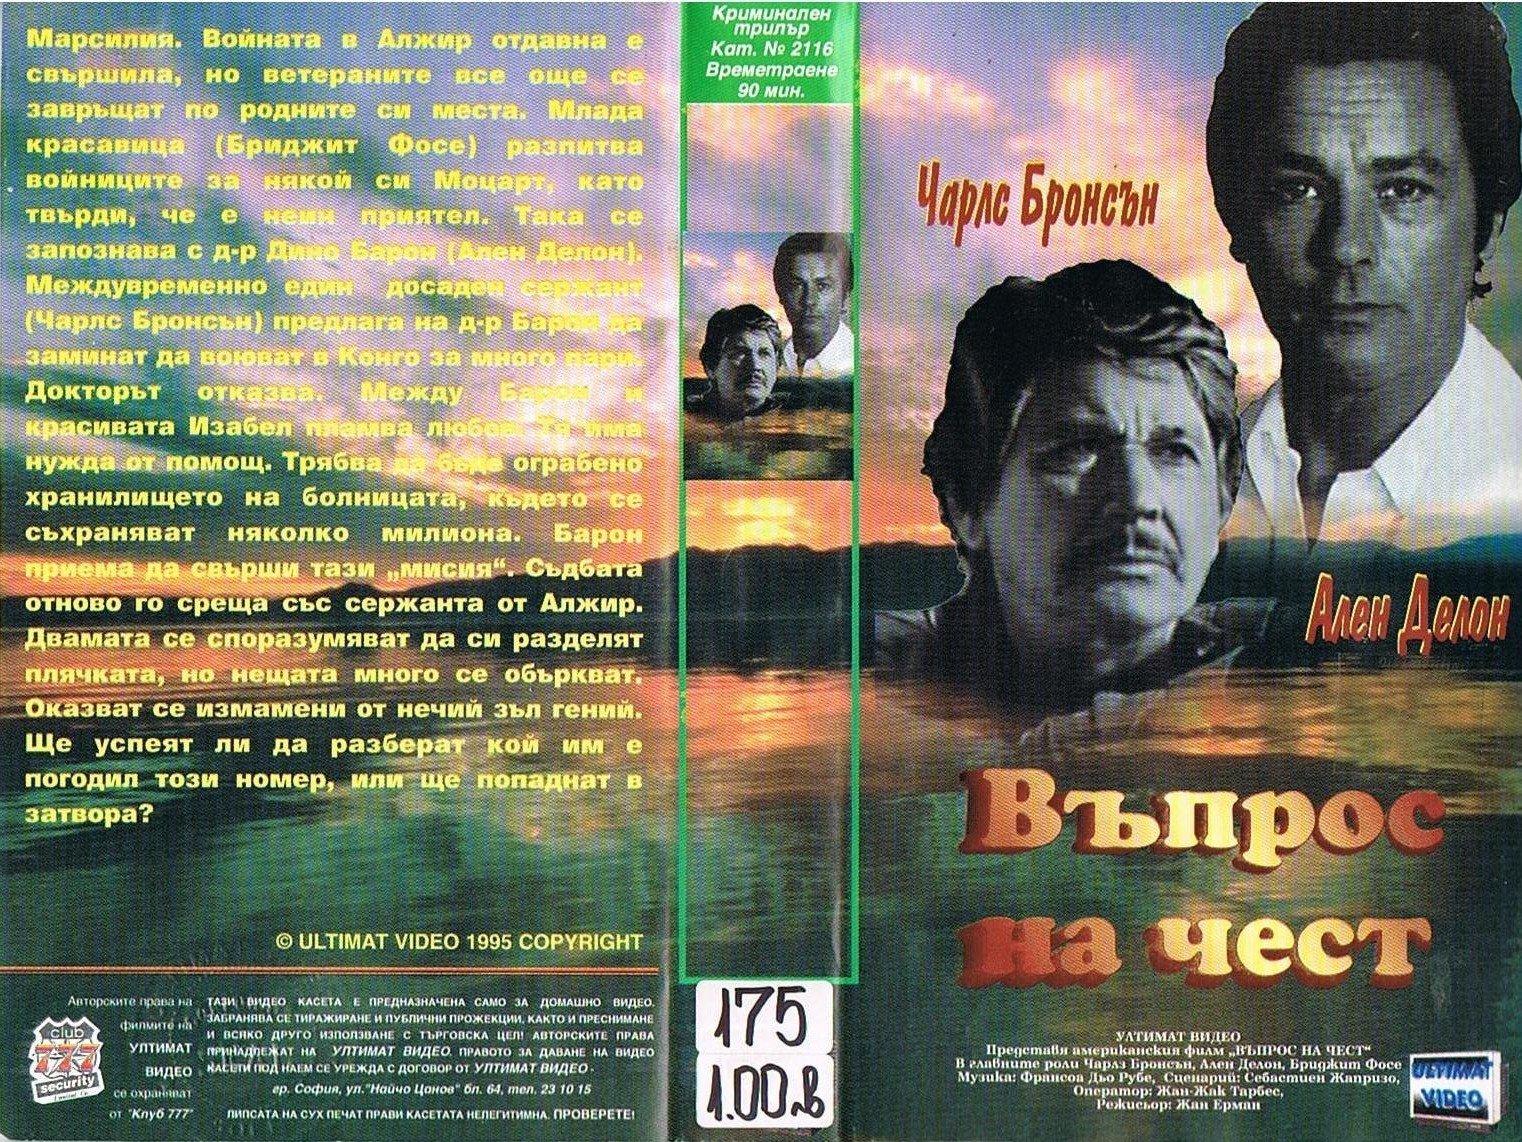 Въпрос на чест филм постер